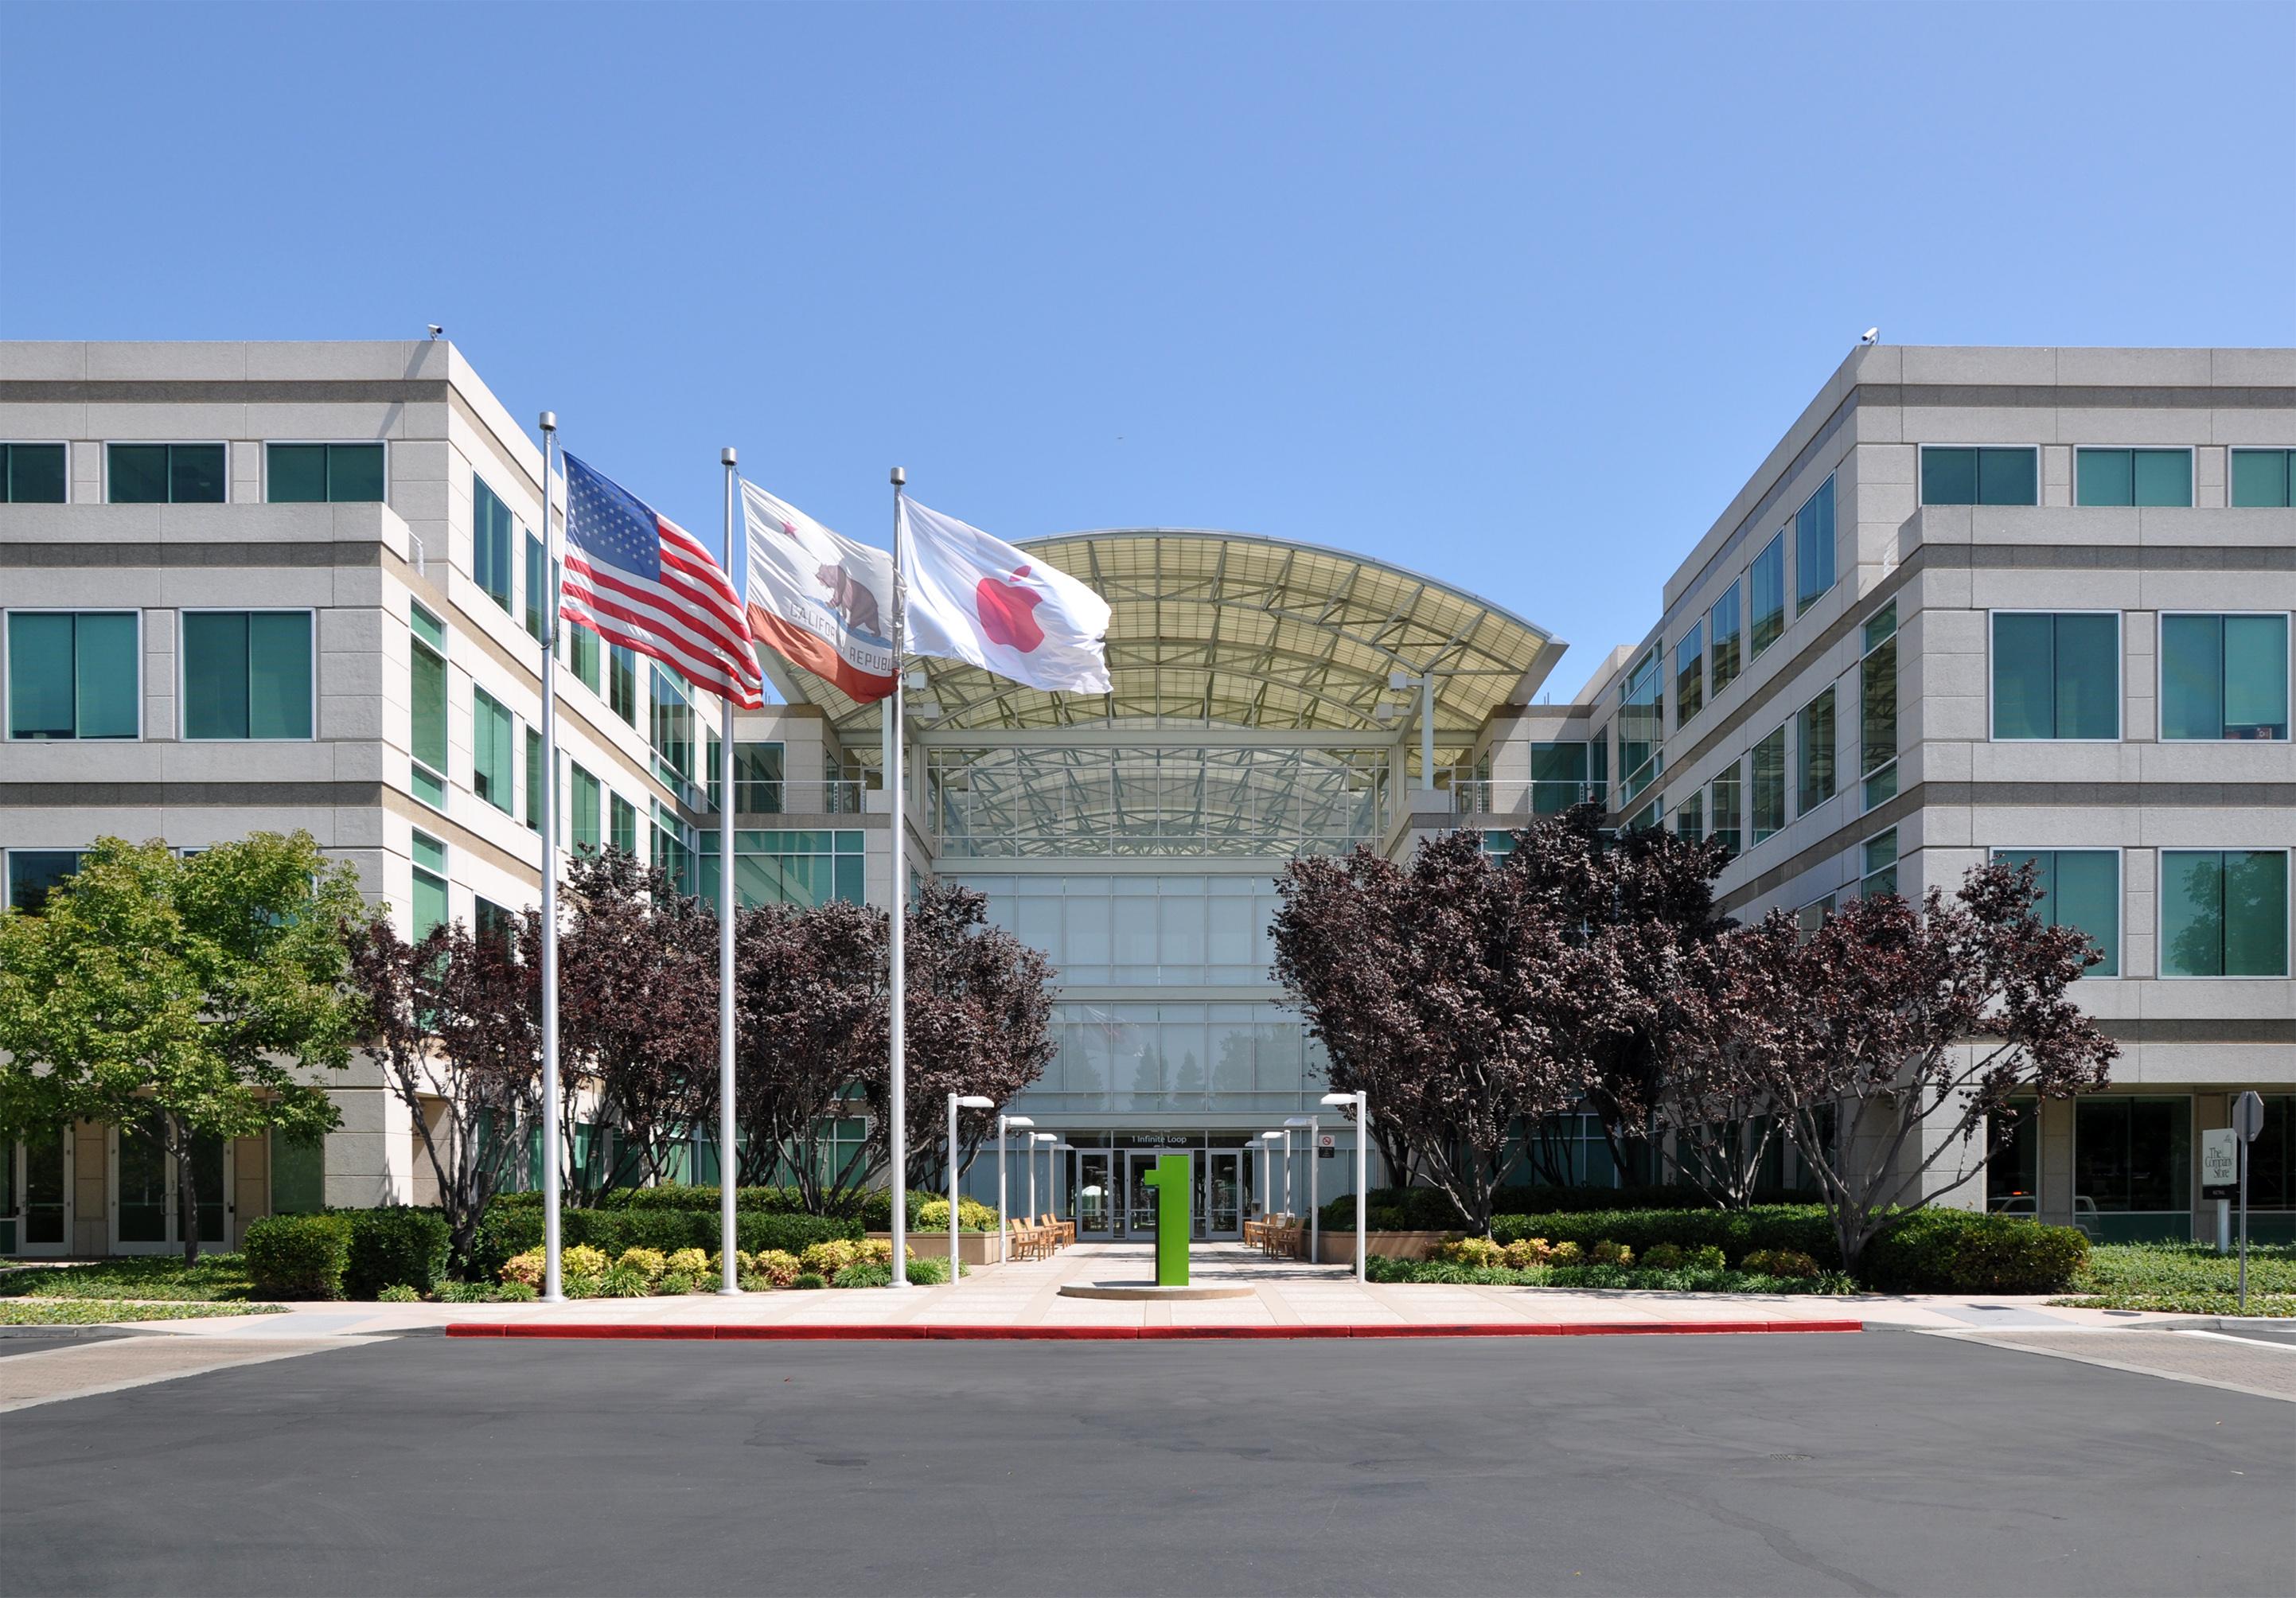 Sede Principal de Apple en Infinite Loop 1, Cupertino, California, USA.